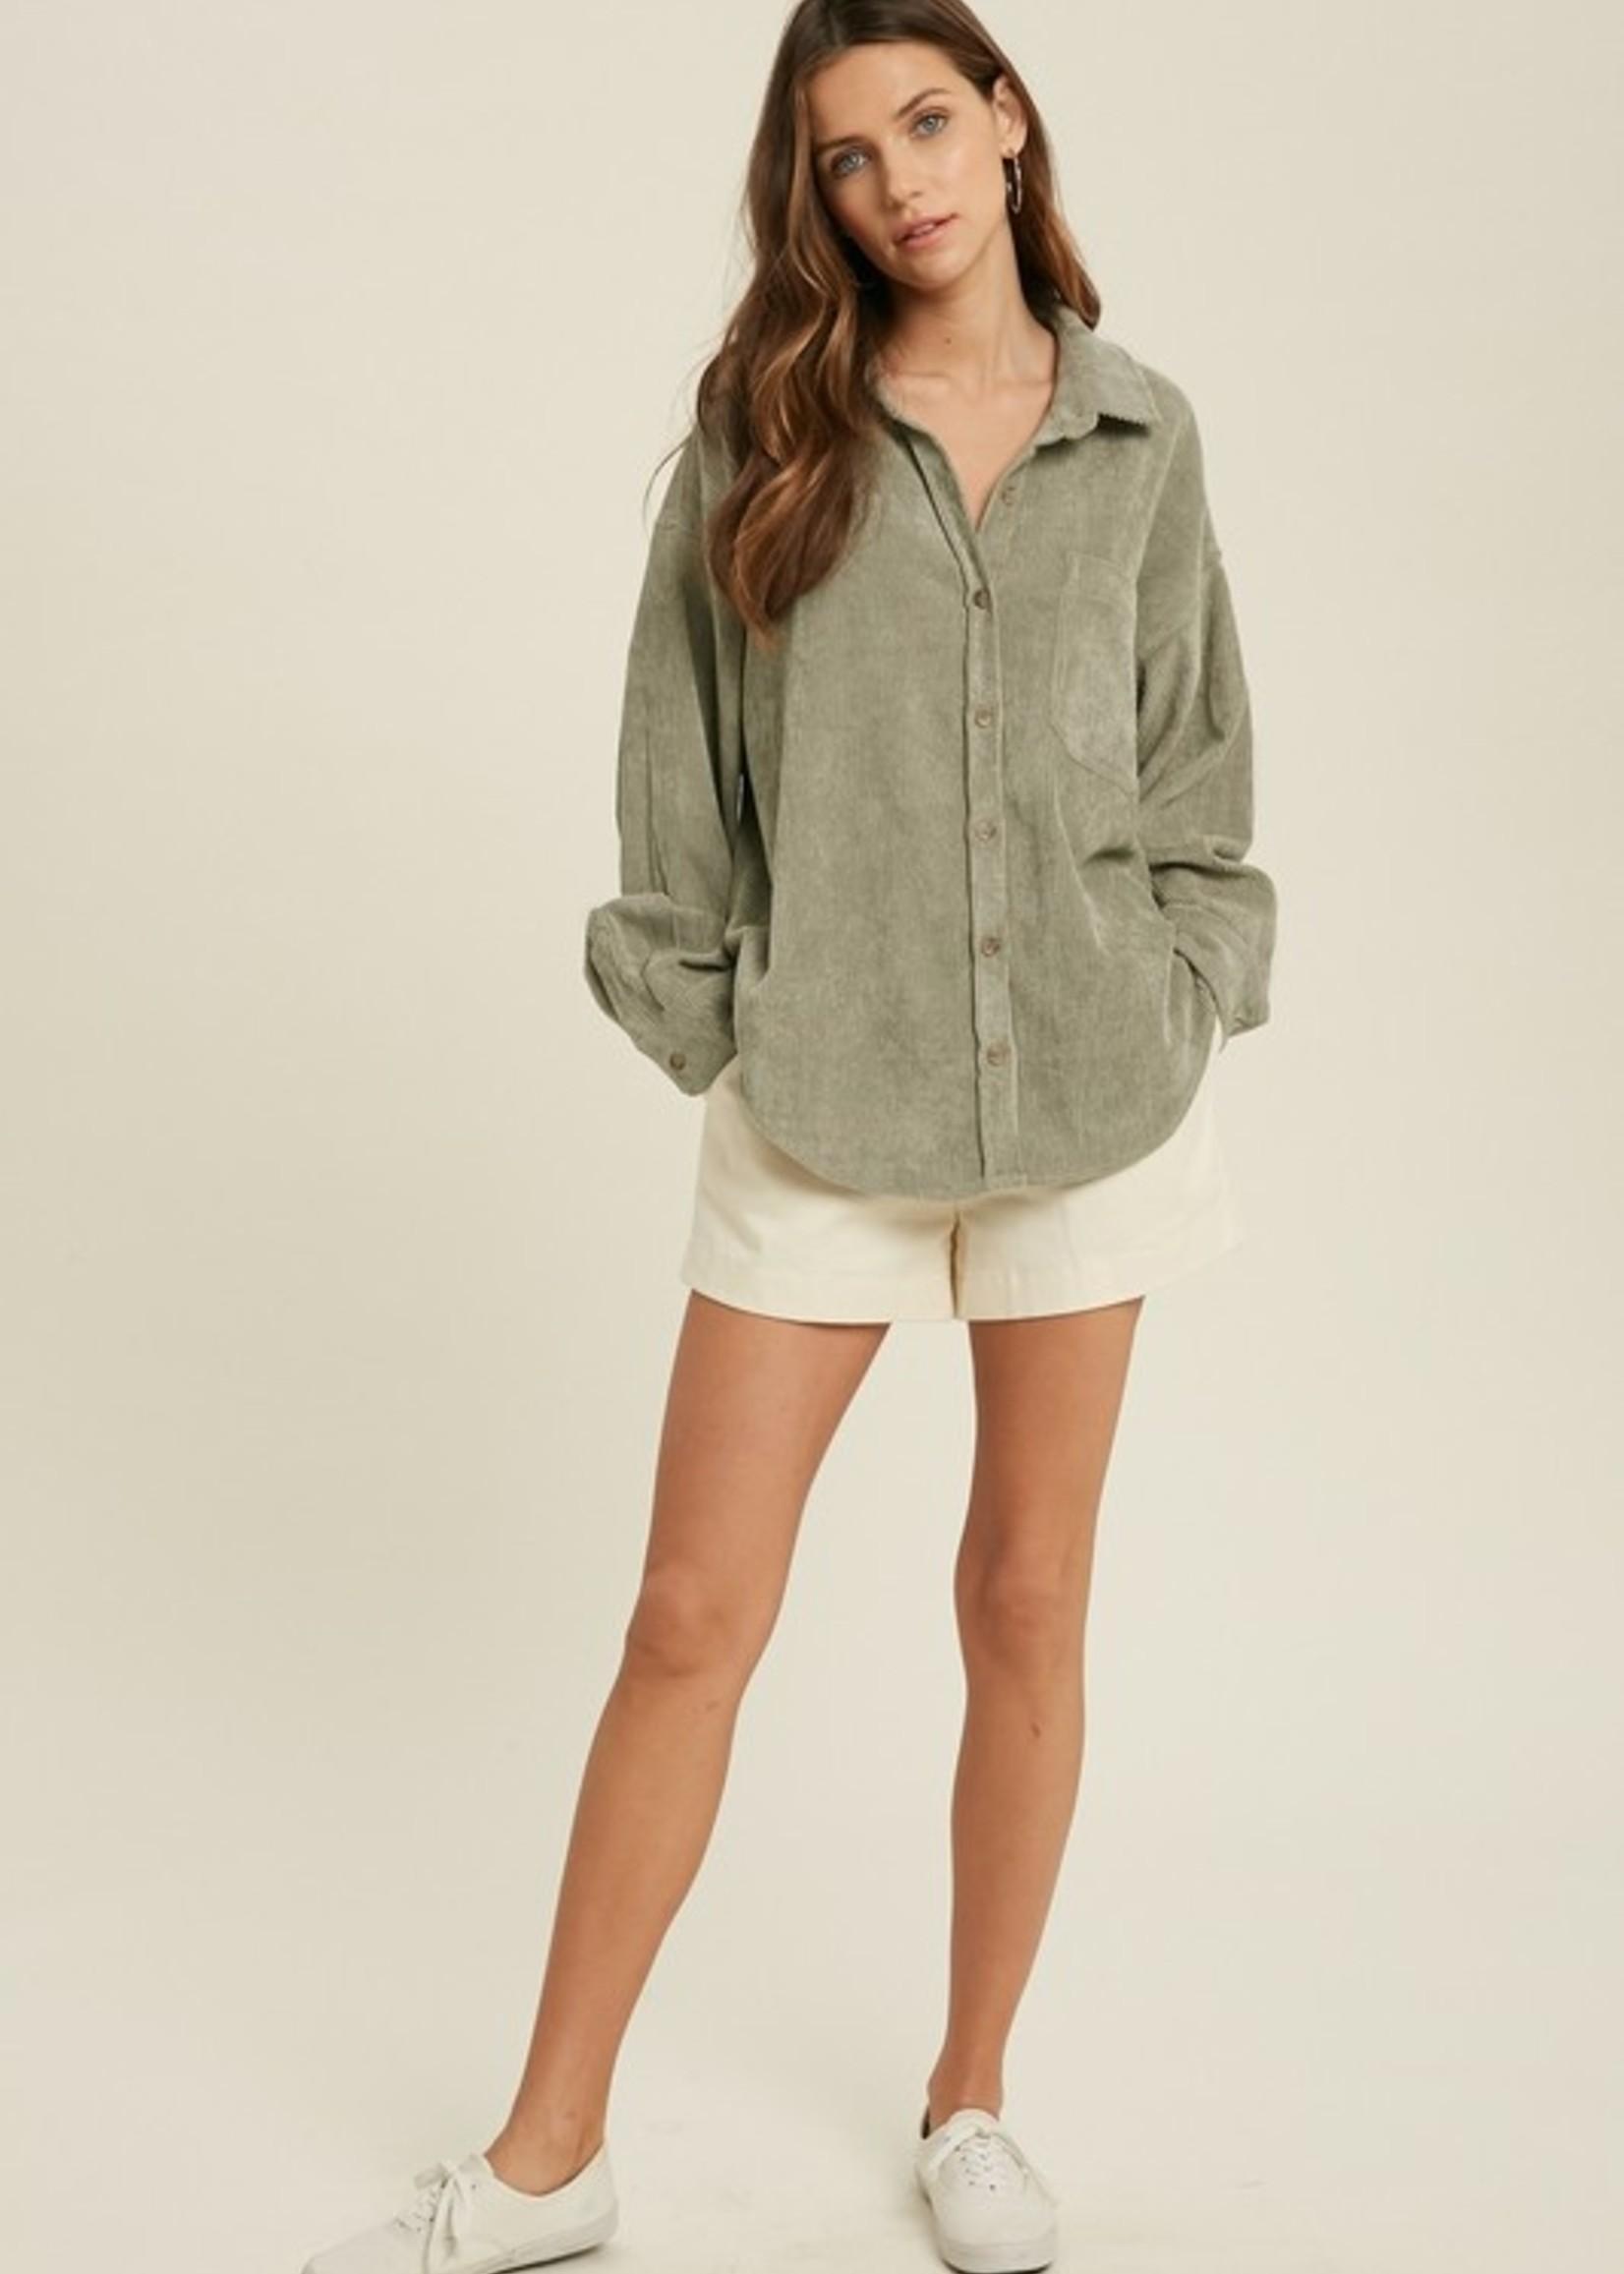 Cord Shirt Jacket - Olive